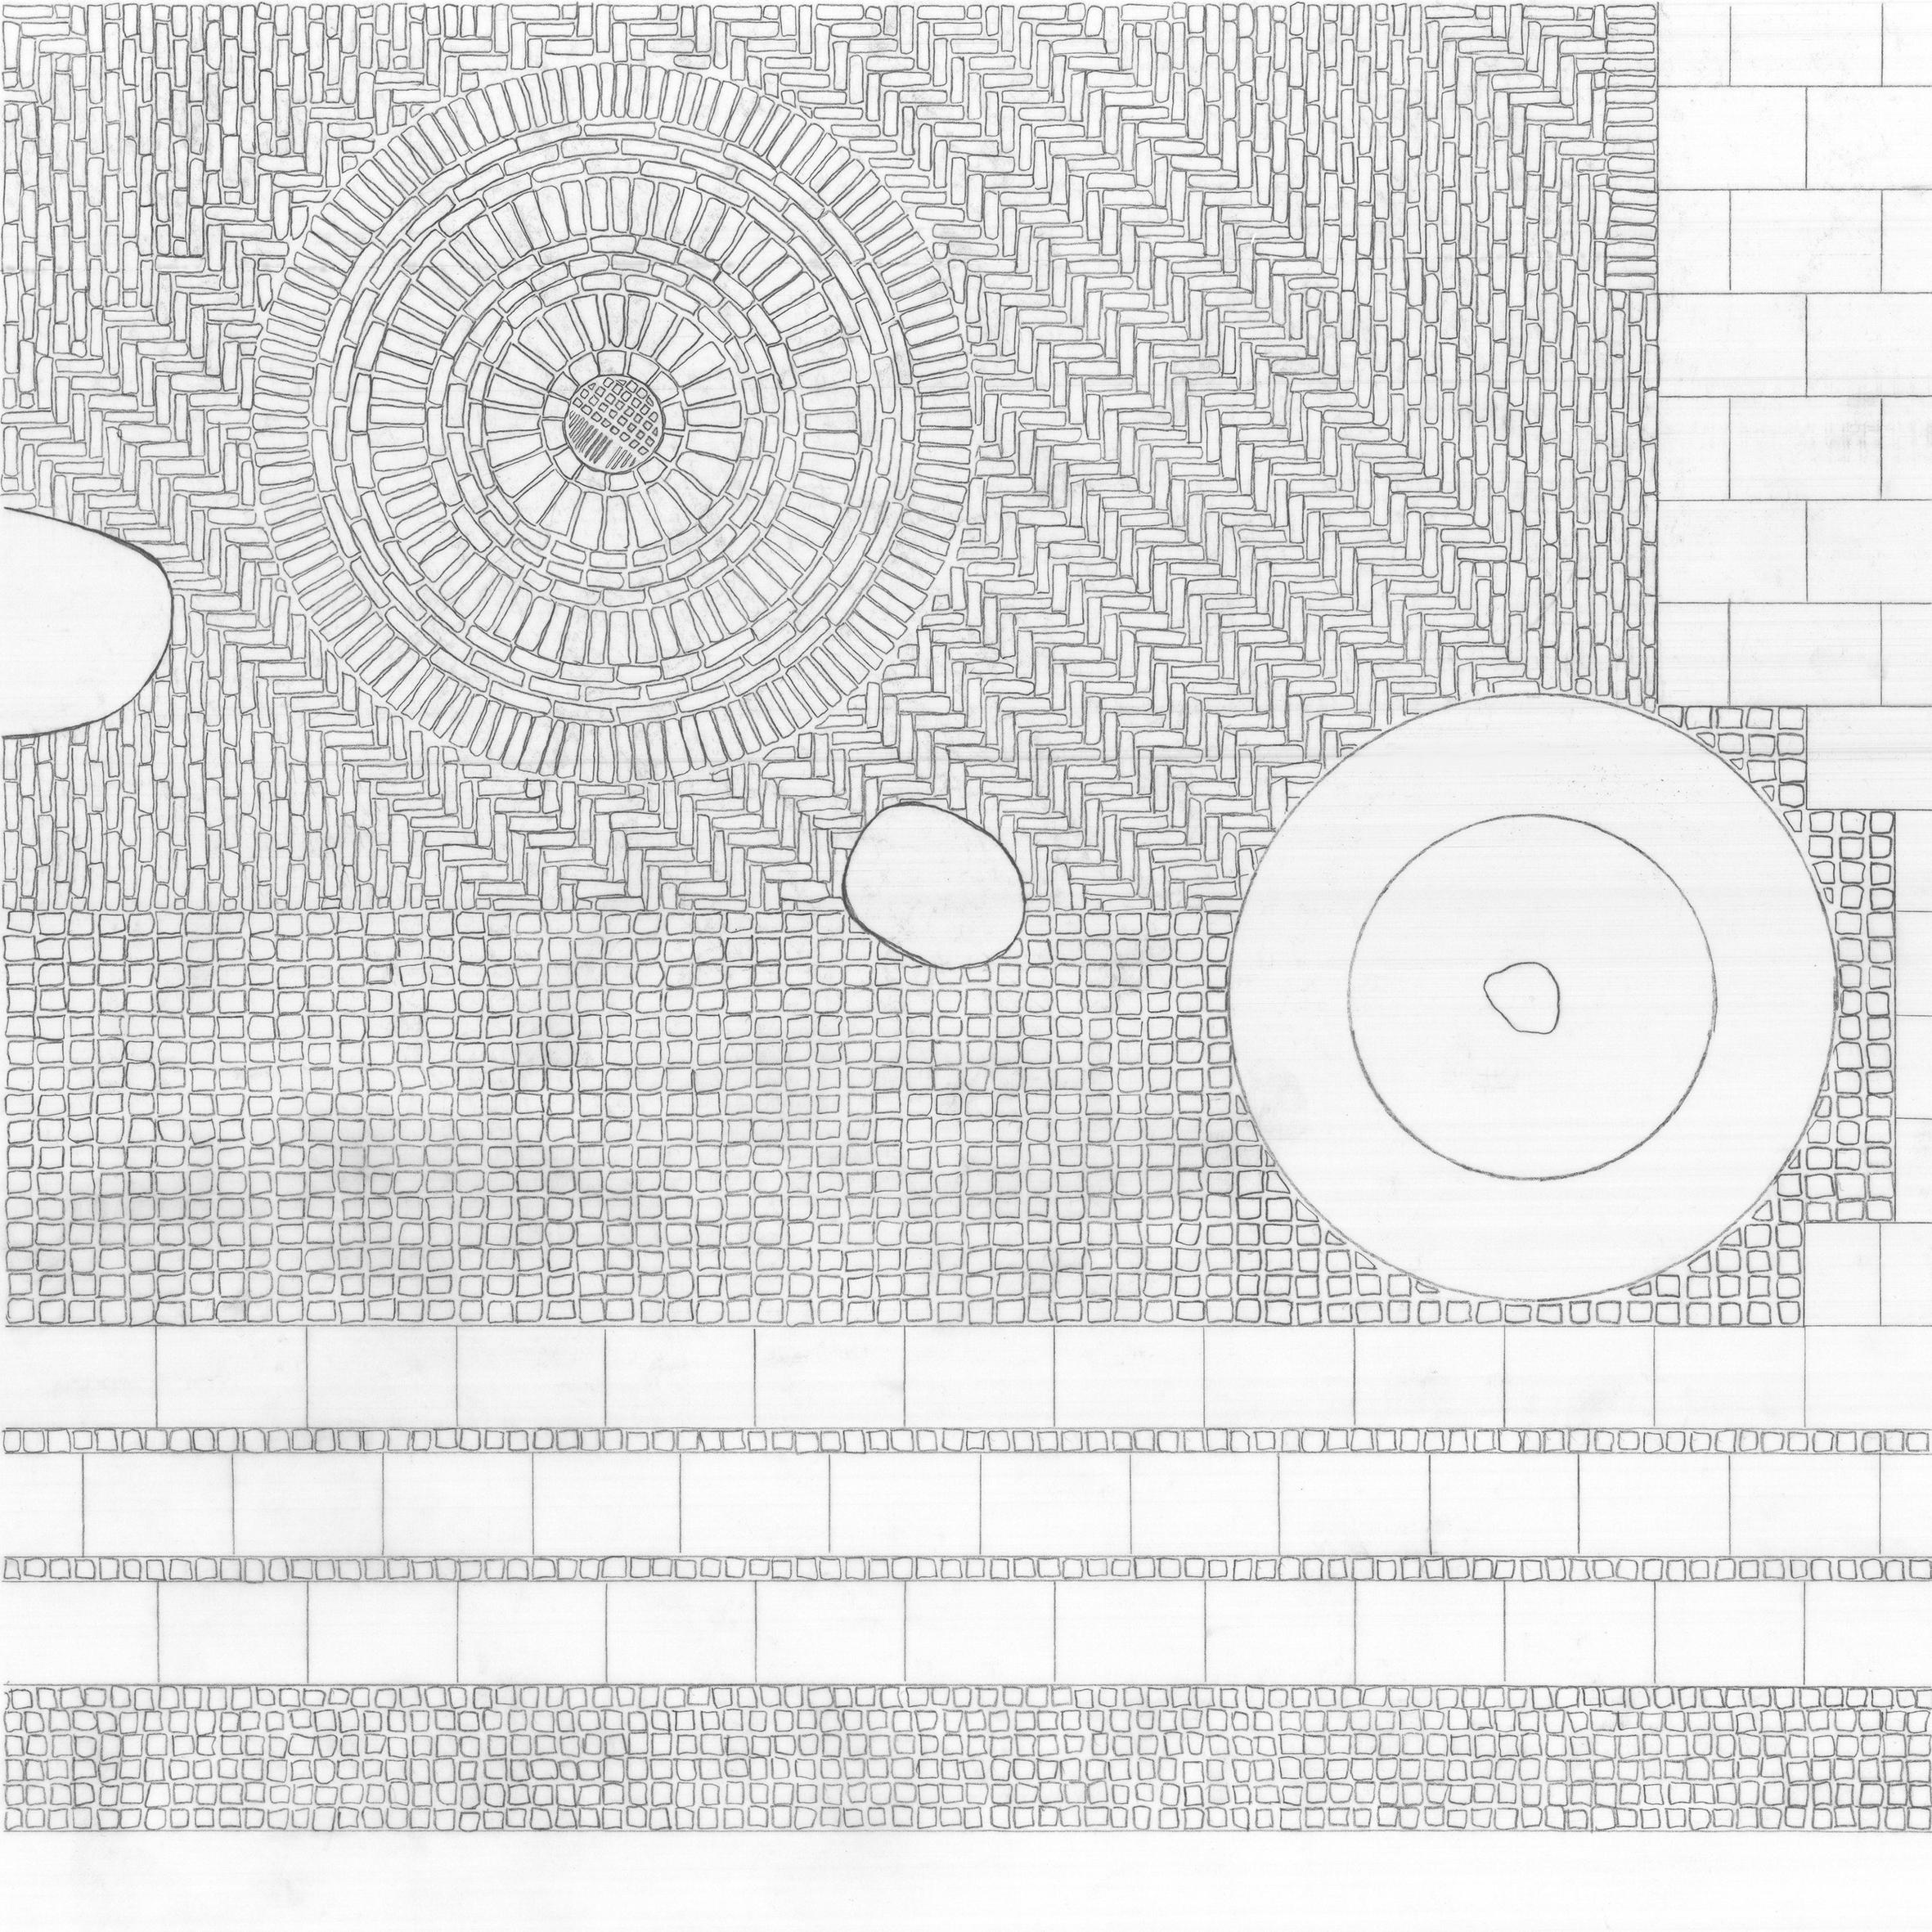 Red Square Pavement Detail, Hand Drawing, Megan Blake, 2015.